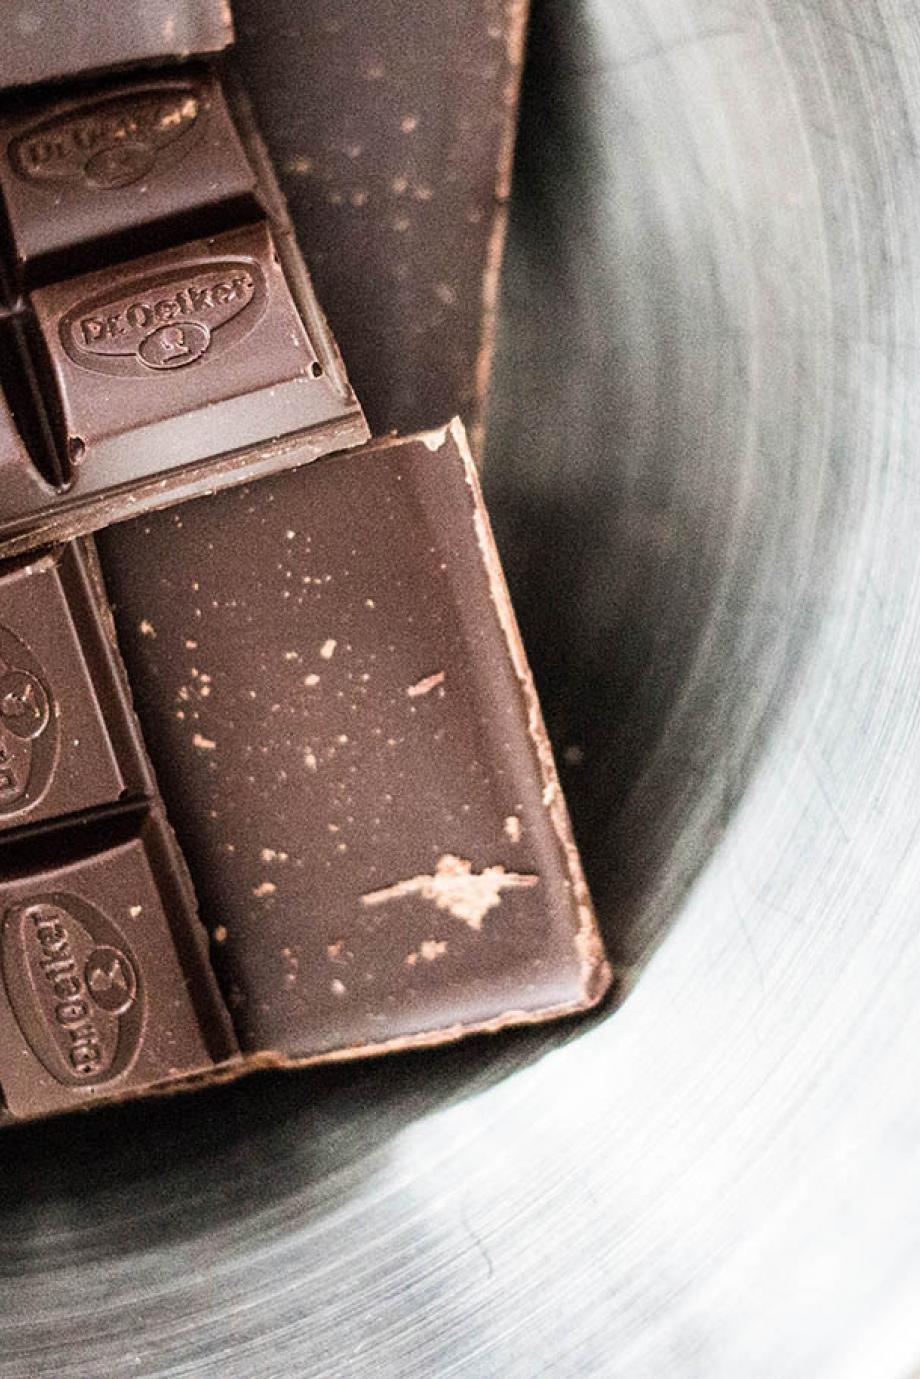 LisboaCool_Blog_Aqui Perto: Mercado do Chocolate invade Cascais